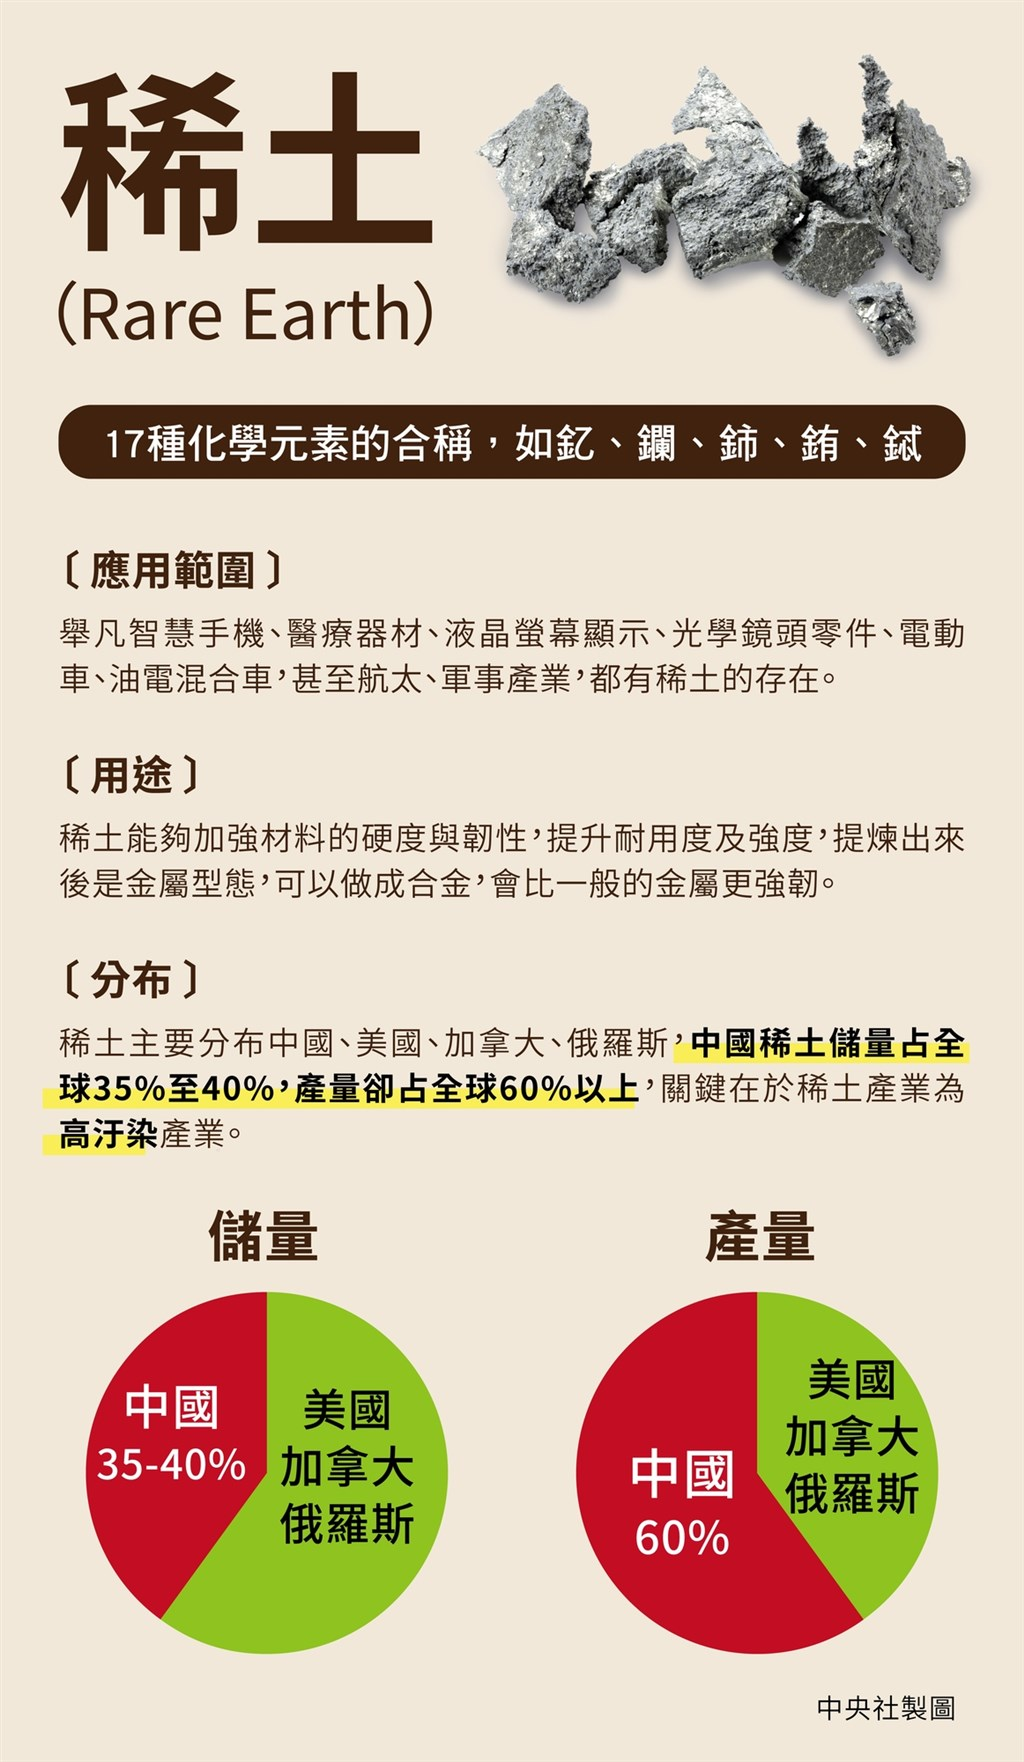 中國可能將手中稀土資源作為翻轉美中貿易戰局勢籌碼。(中央社製表)